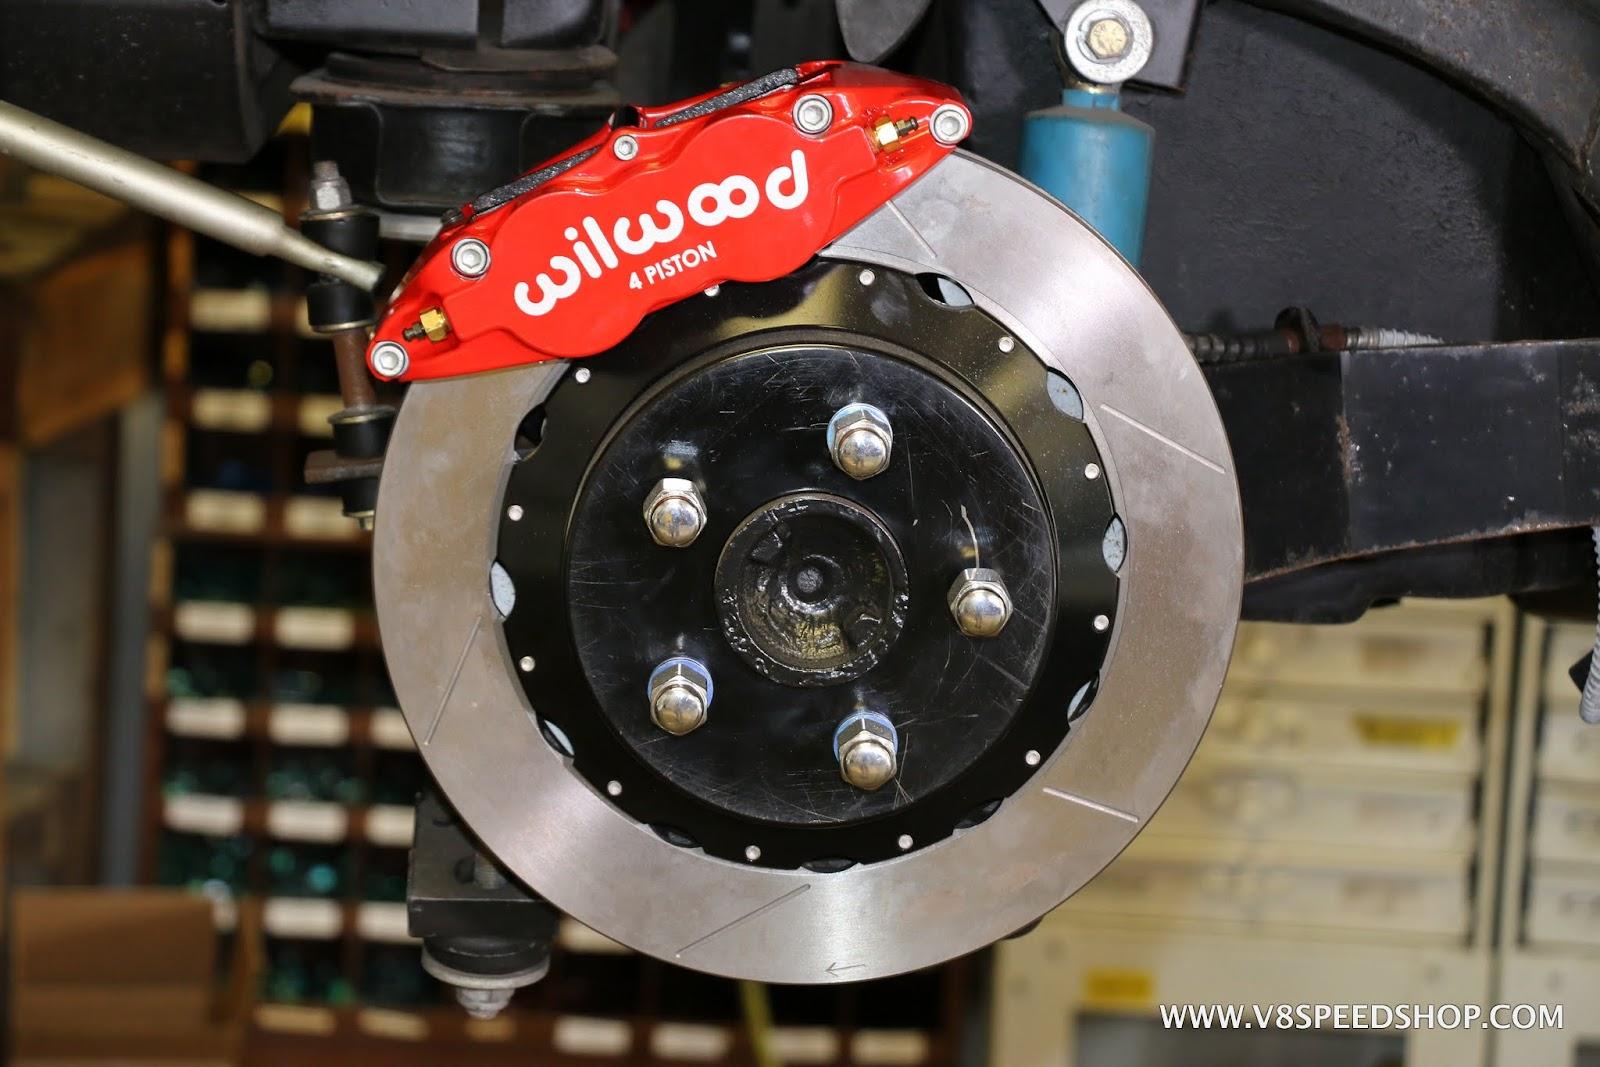 Wilwood brakes